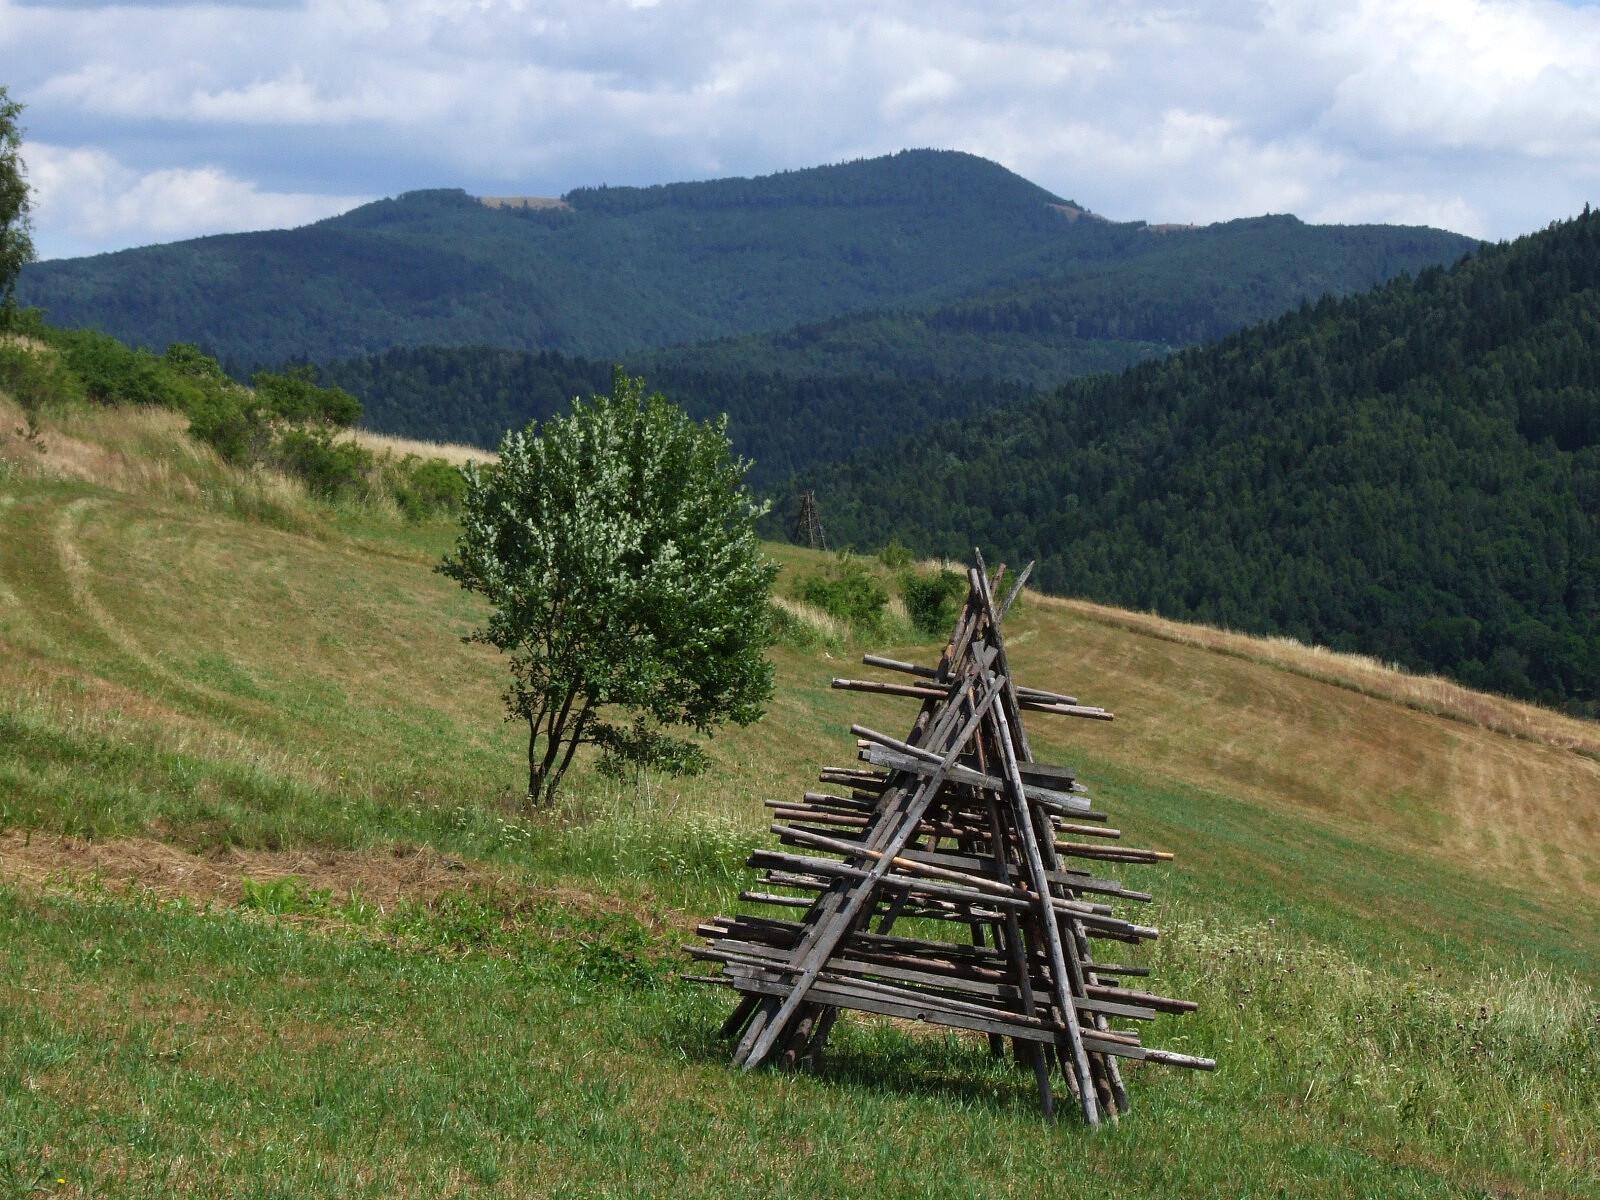 Mogielica (fot. Jerzy Opioła / Wikimedia Commons / CC BY-SA 4.0)